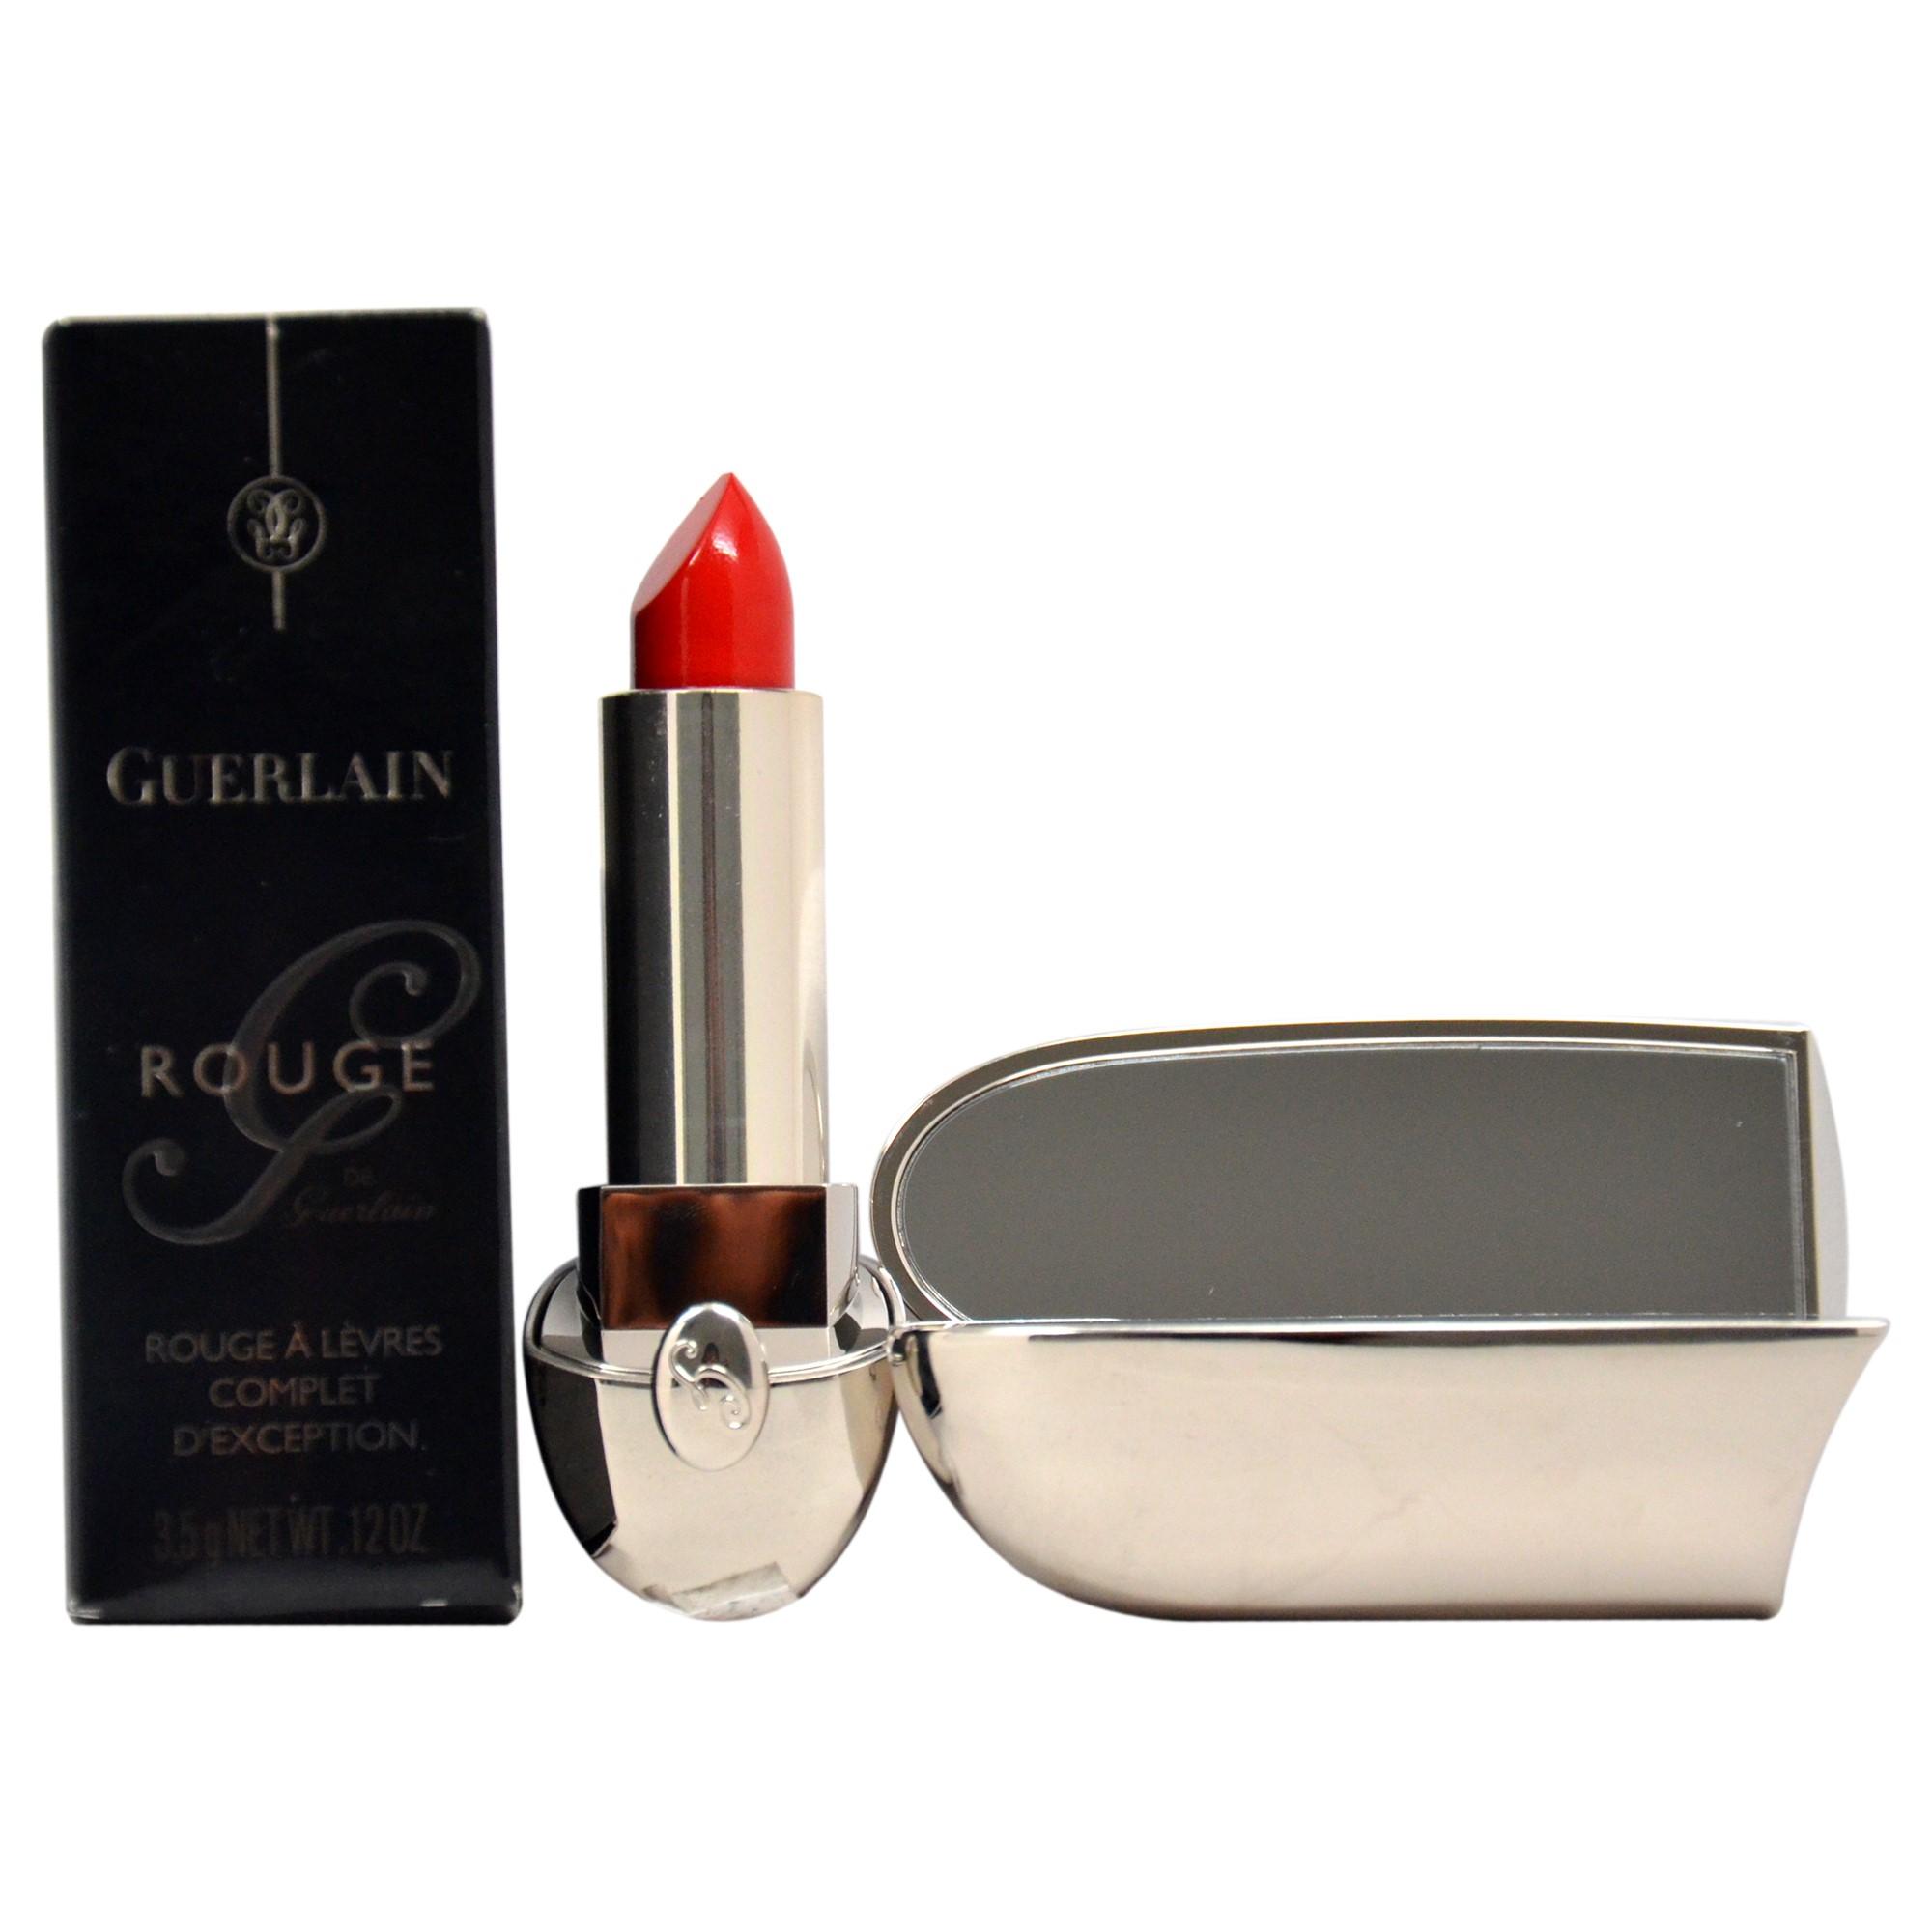 Guerlain Rouge G De Guerlain Exceptional Complete Lip Colour, #27 Gilda, 0.12 Oz